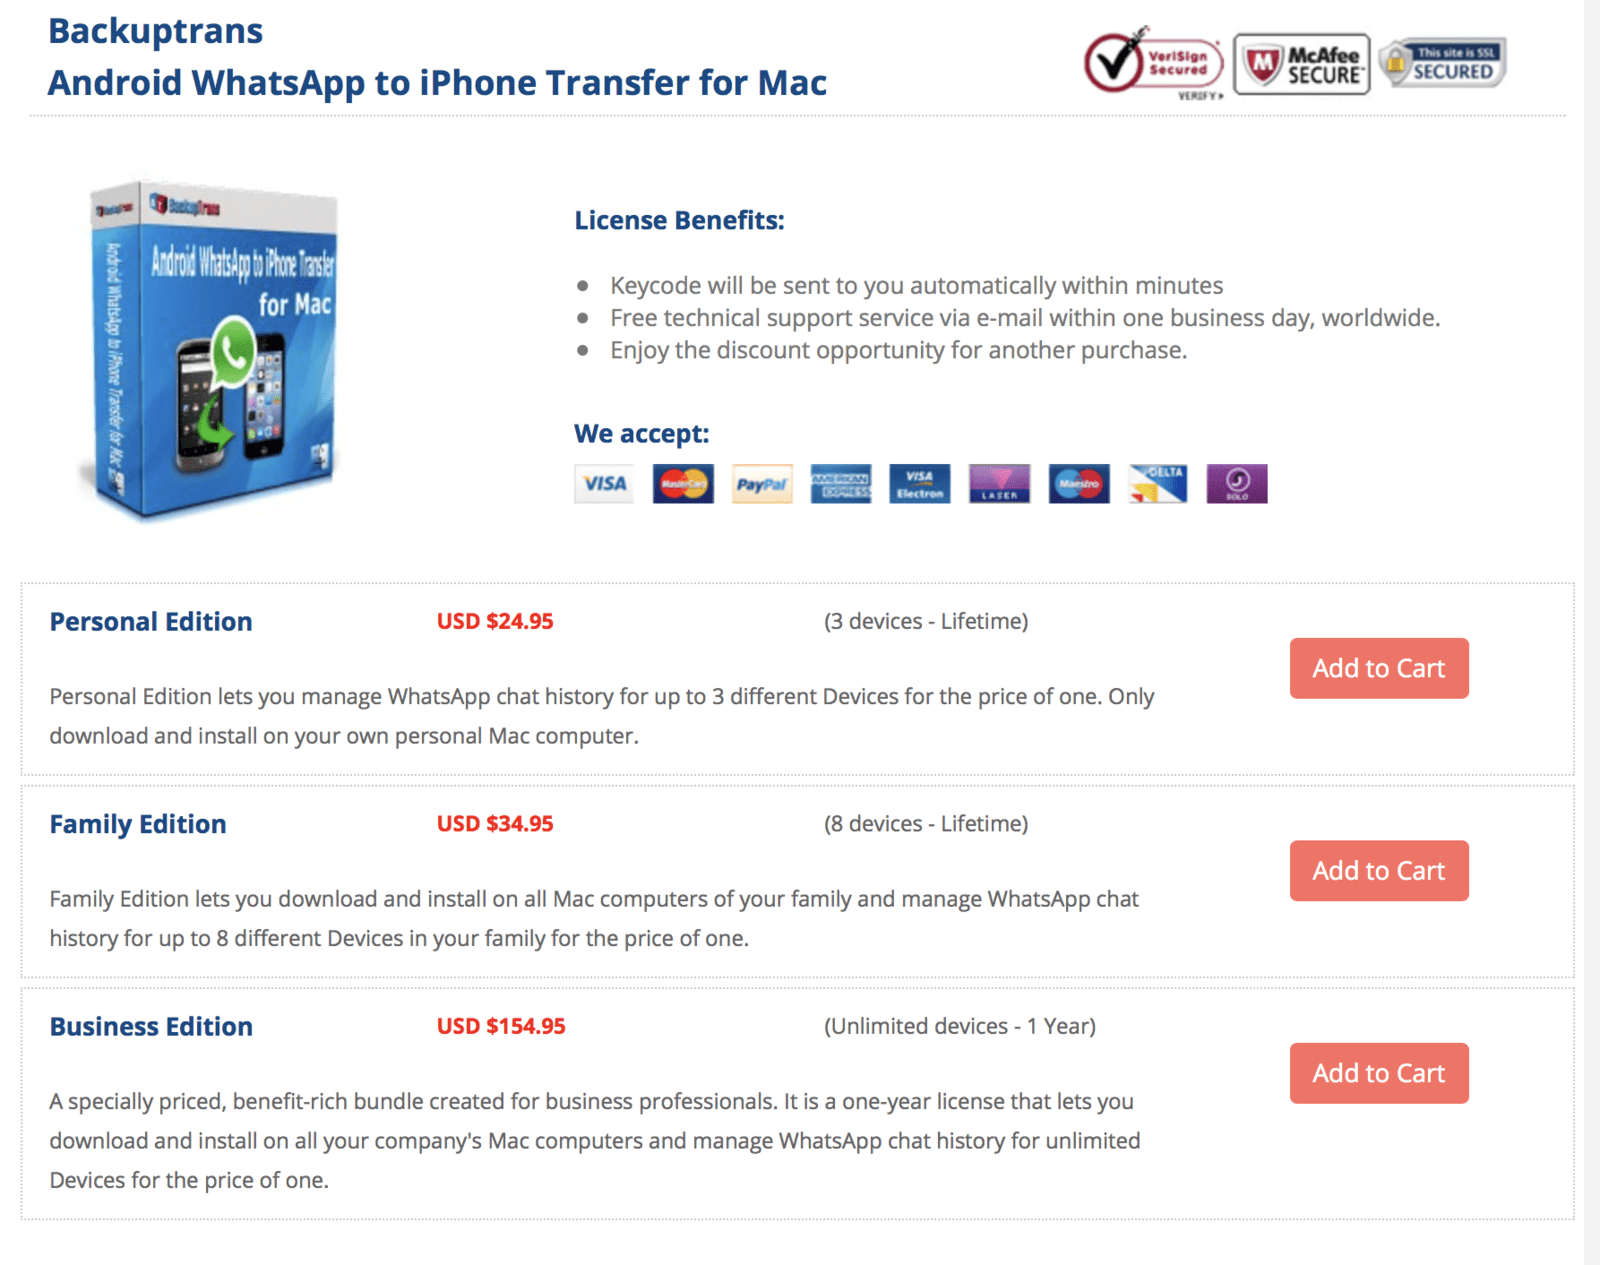 【教學】 WhatsApp 搬機 : iPhone 轉 Android 對話紀錄轉移 2018 攻略 - 香港 unwire.hk